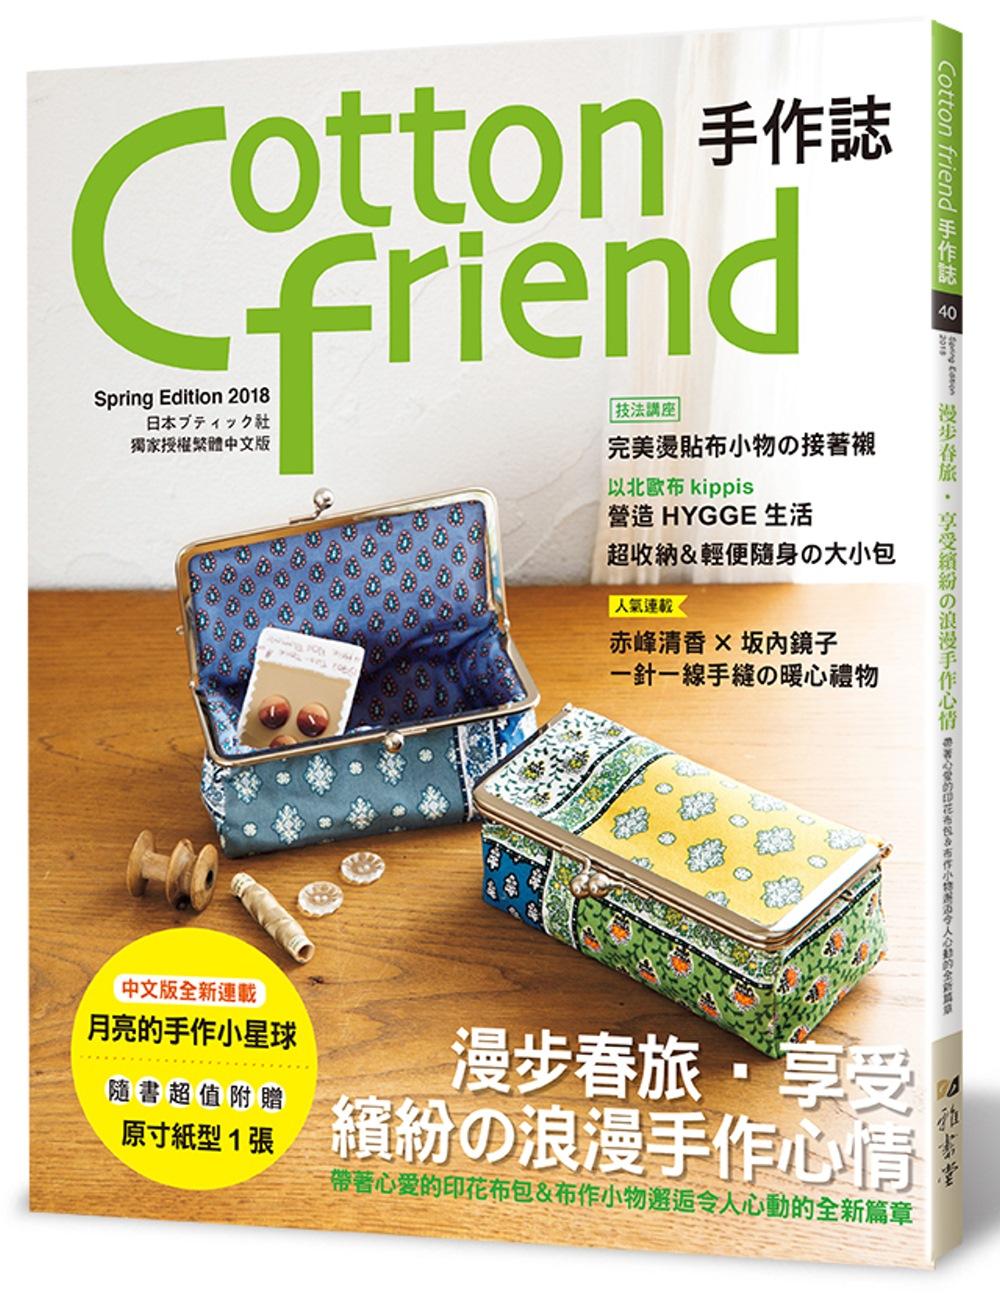 Cotton friend手作誌 40:漫步春旅‧享受繽紛的浪漫手作心情